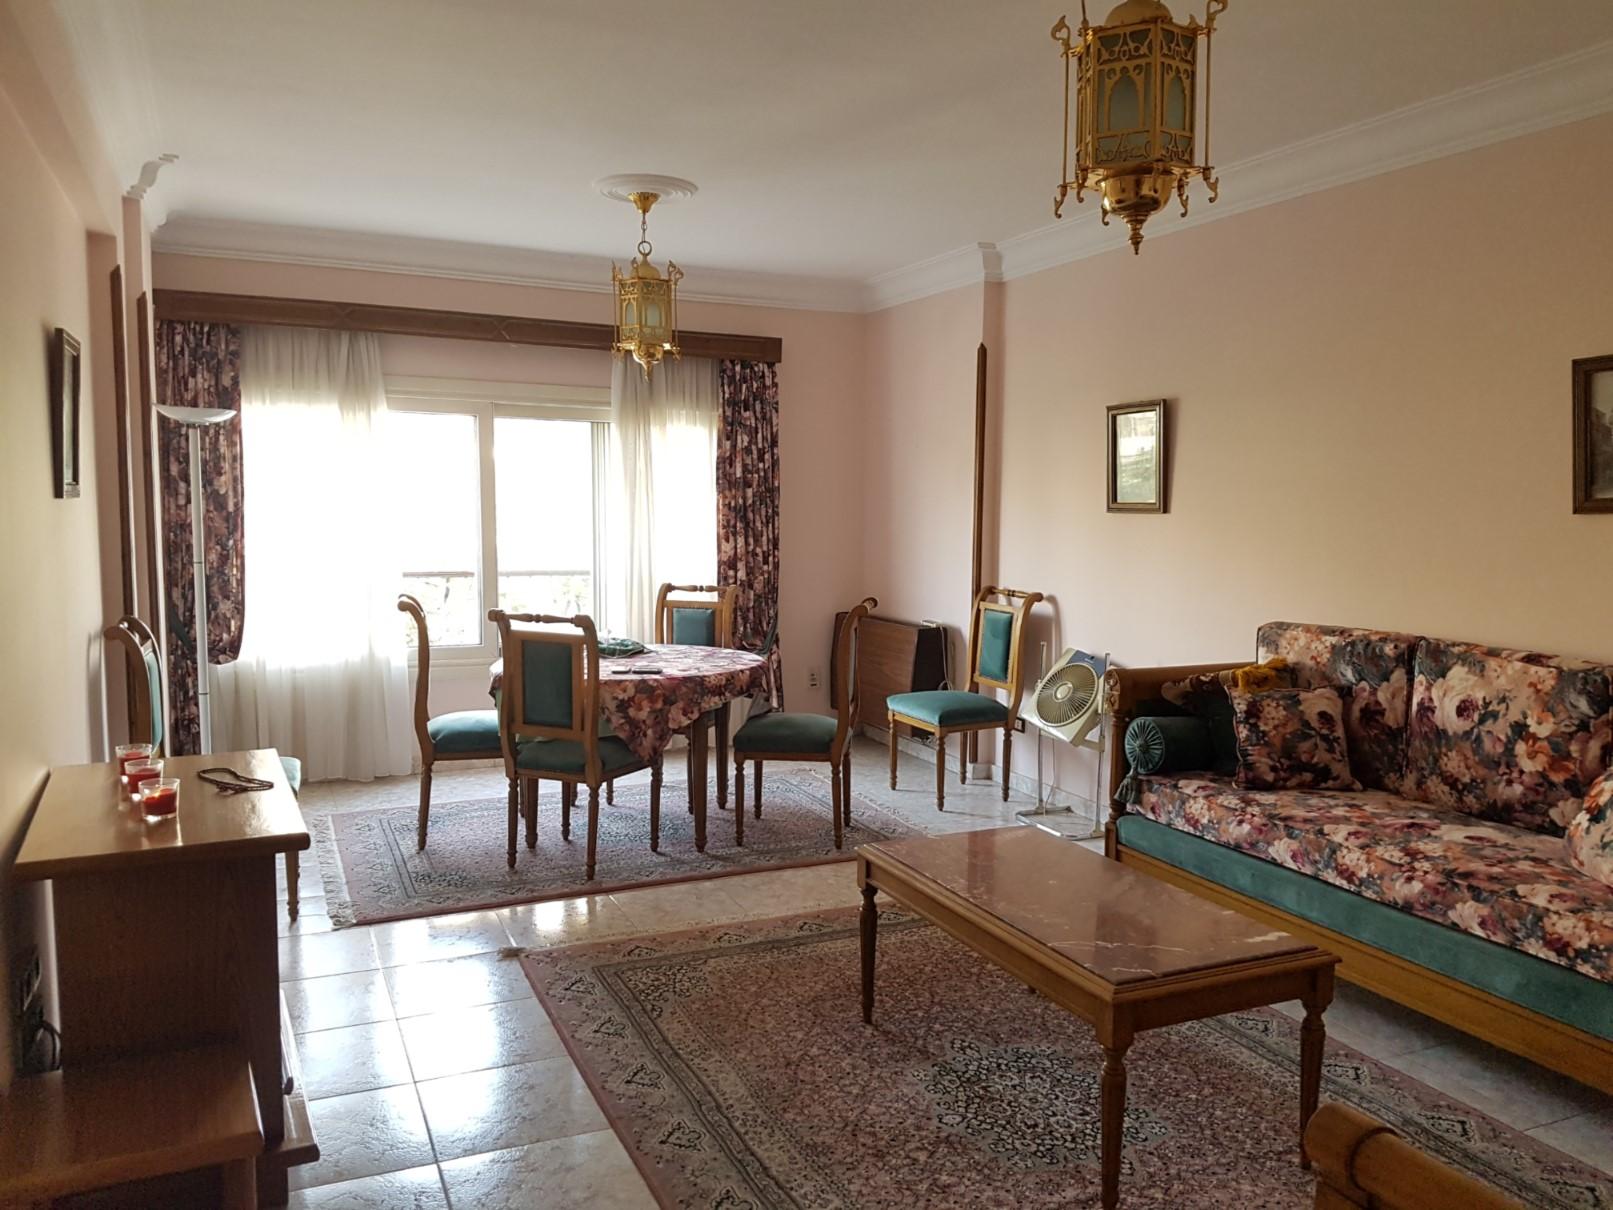 شقة للبيع في المعادي نيركو الشطر الثالث 150م سوبر لوكس موقع مميز